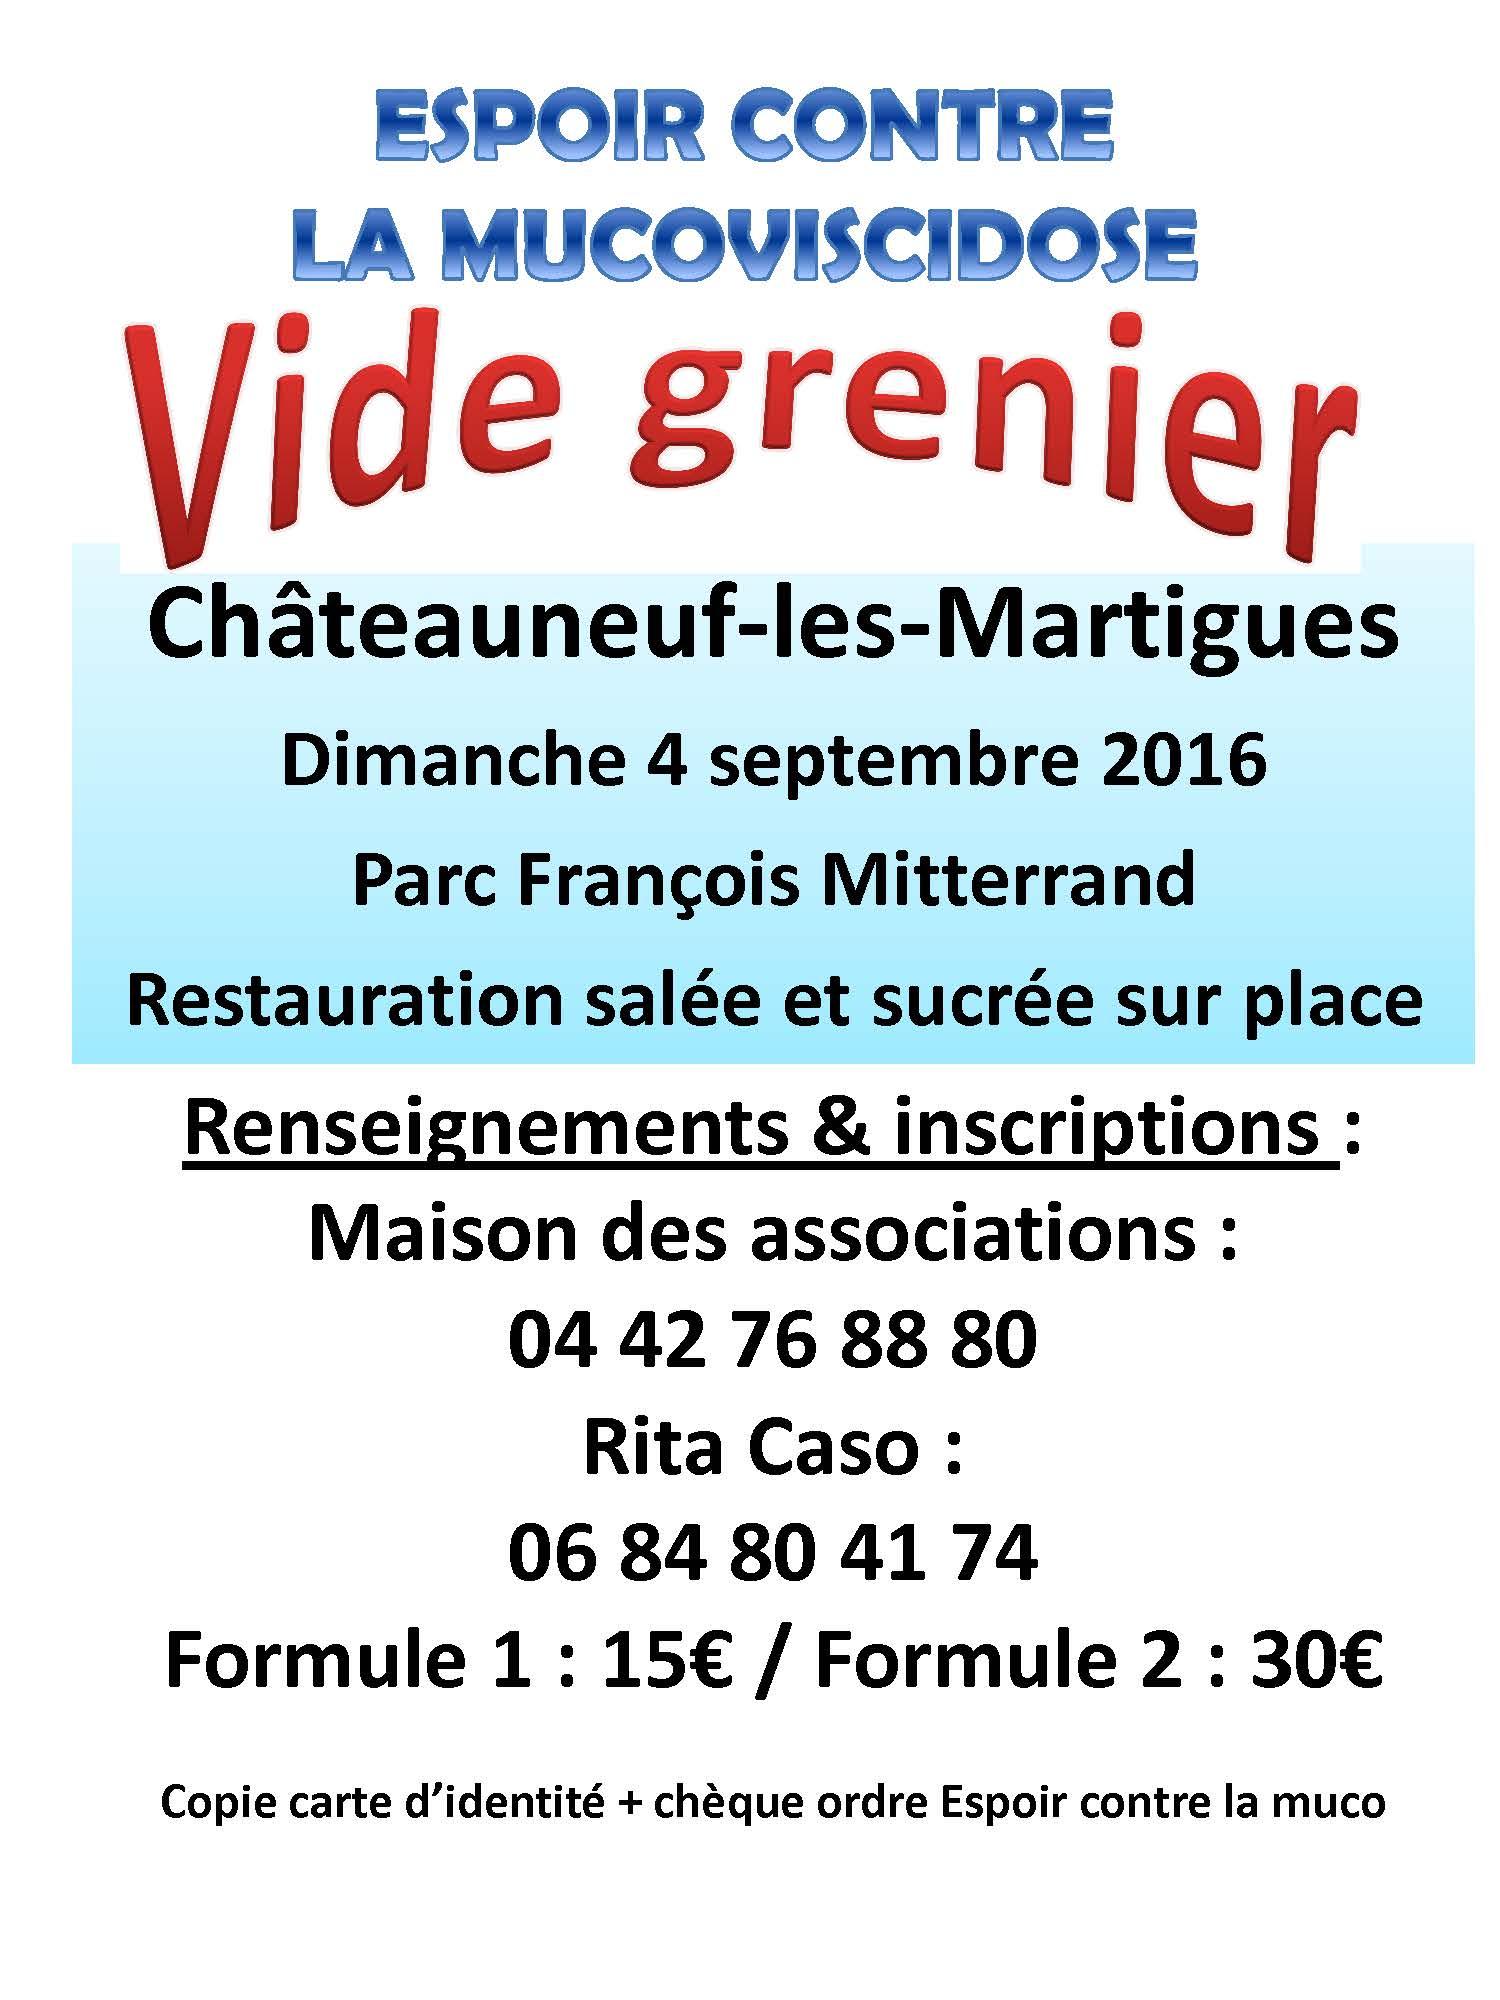 Vide grenier - 4 septembre à Châteauneuf-les-Martigues